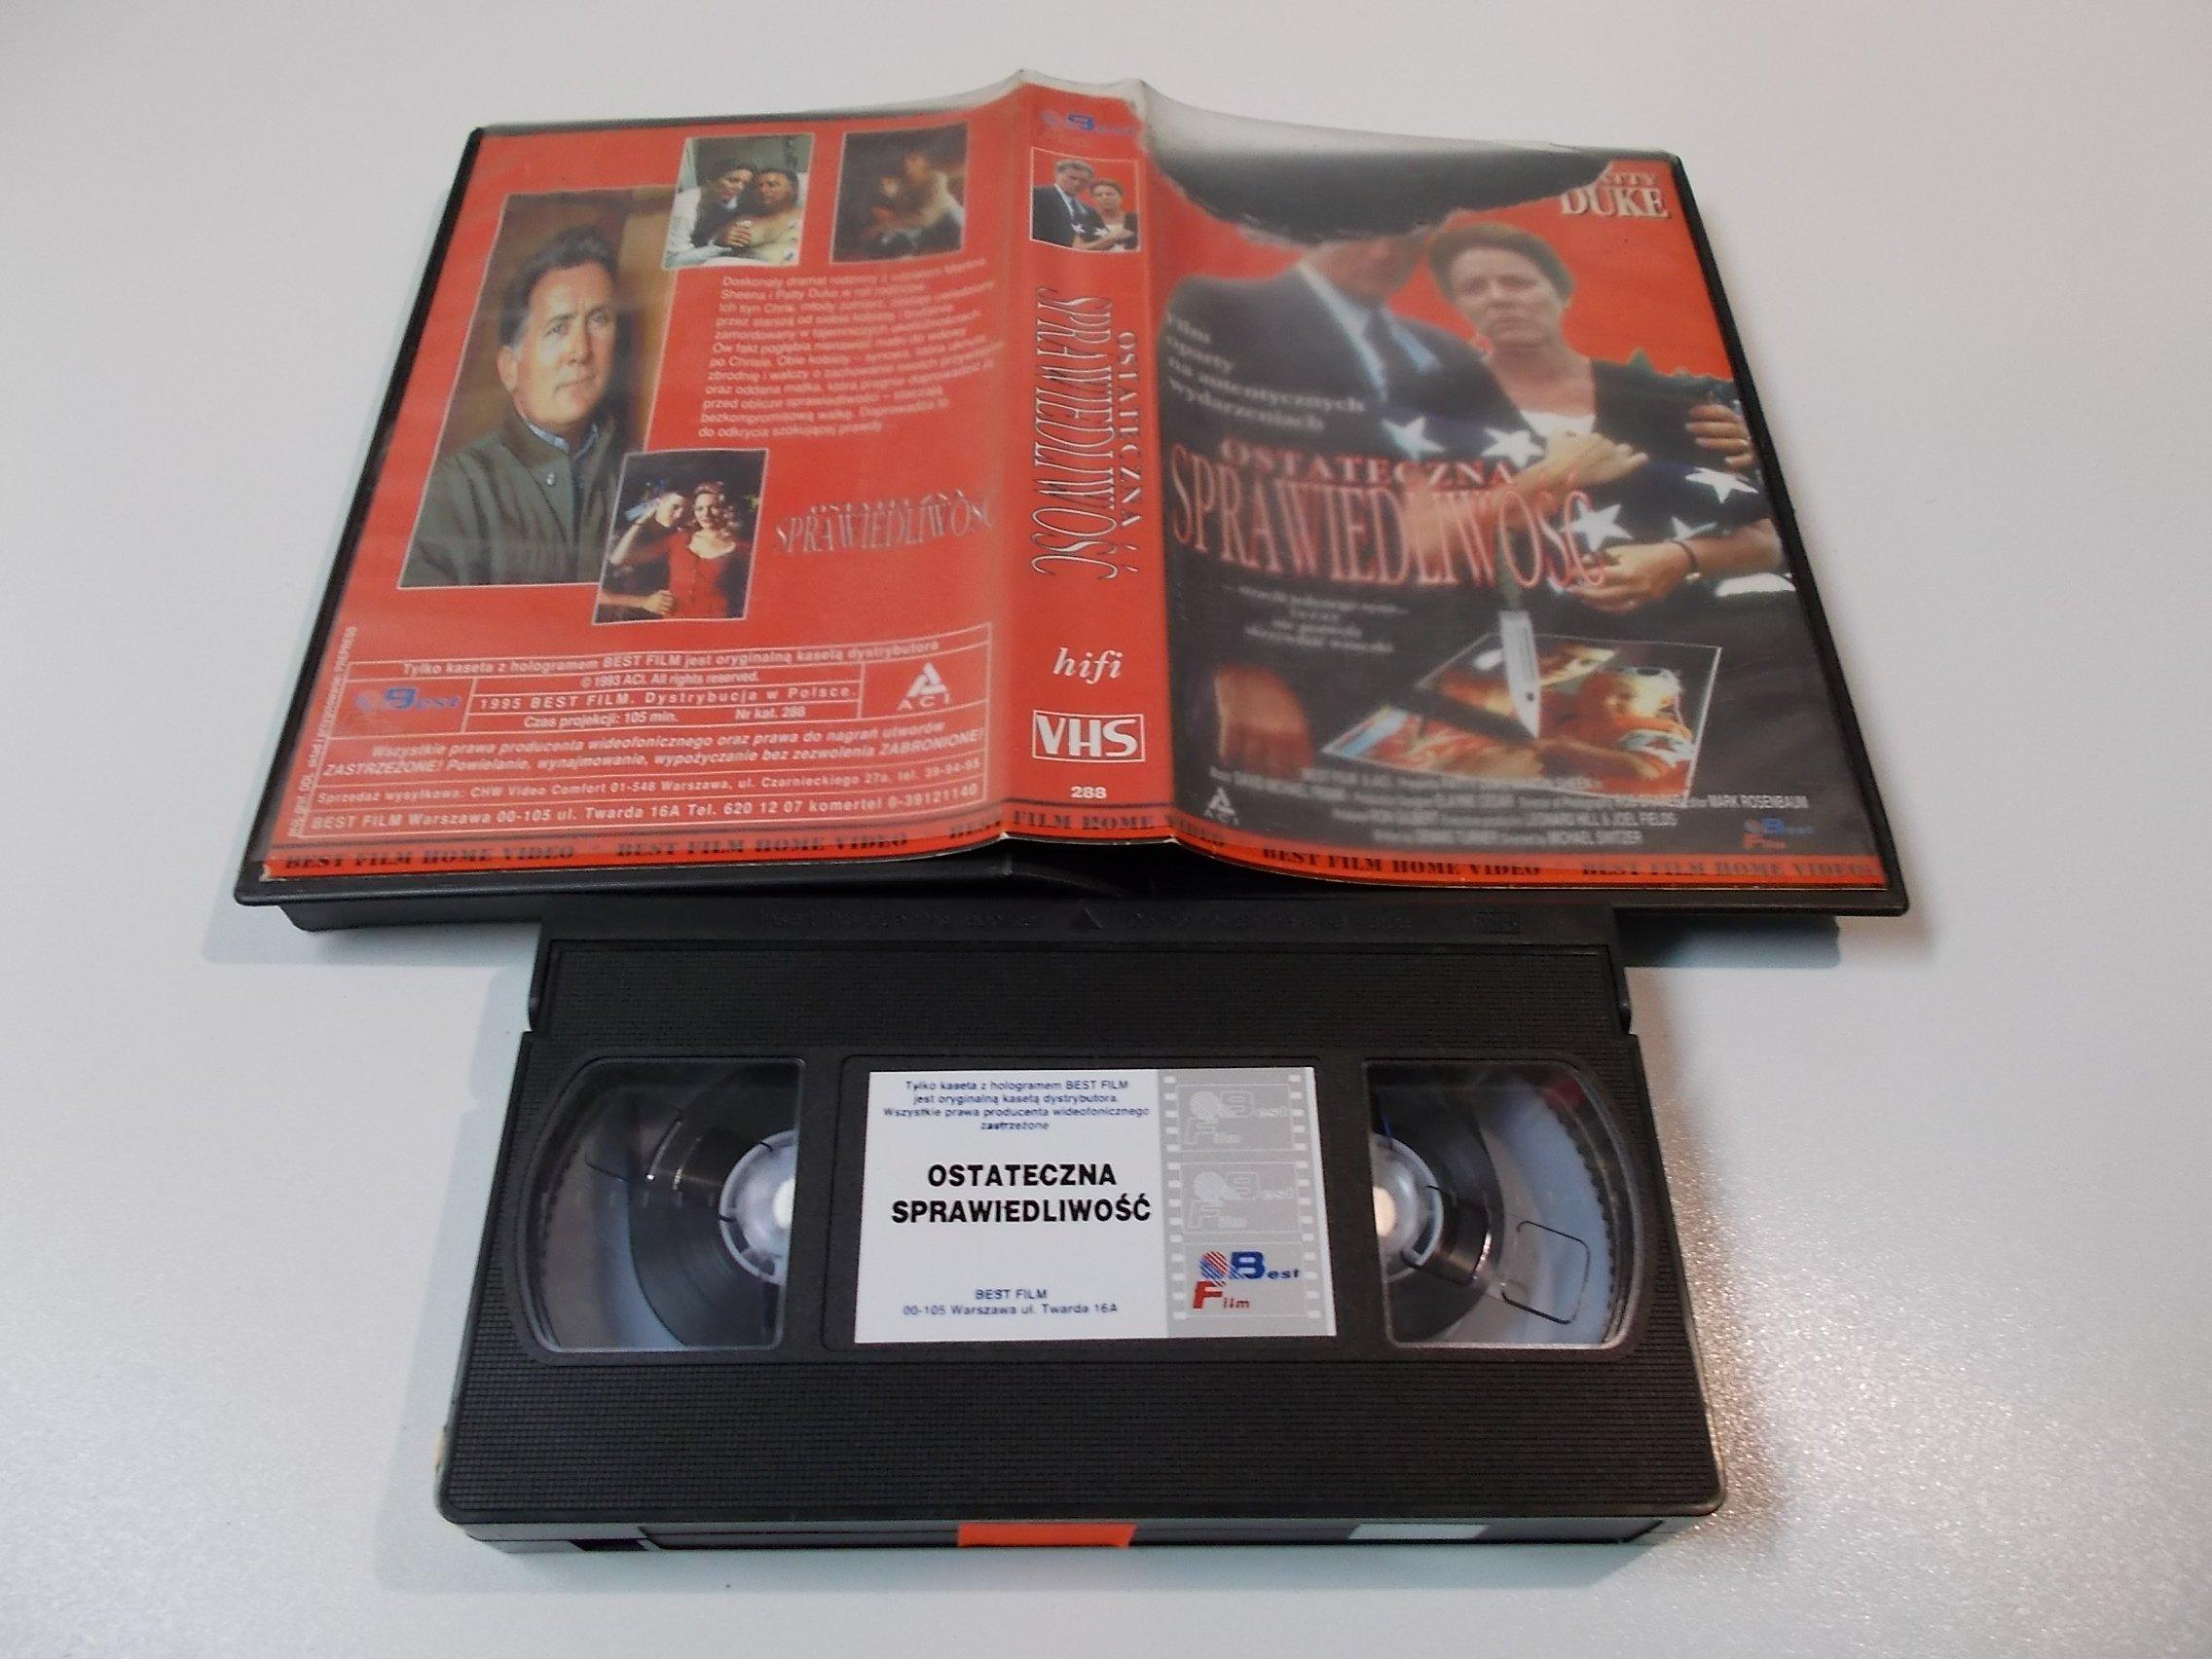 OSTATECYNA SPRAWIEDLIWOŚĆ - kaseta Video VHS - 1435 Sklep